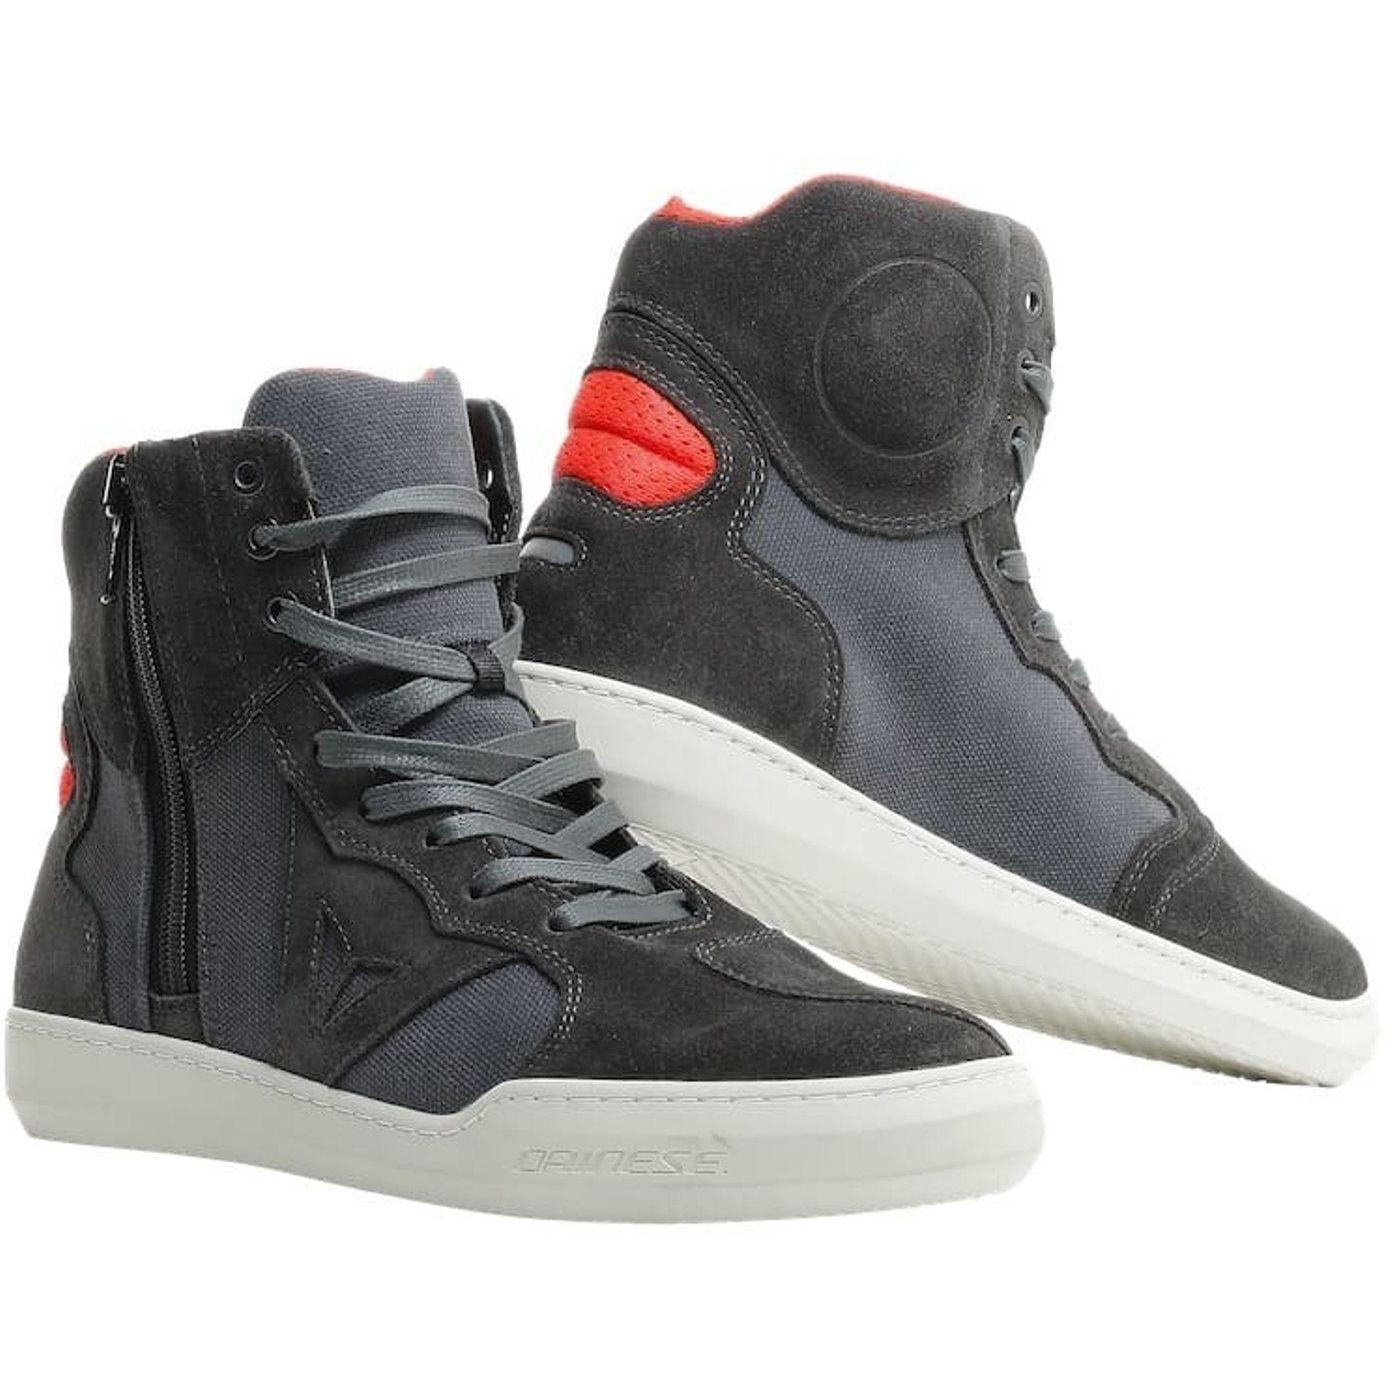 Baskets Dainese METROPOLIS - Bottes et chaussures - Motoblouz.com